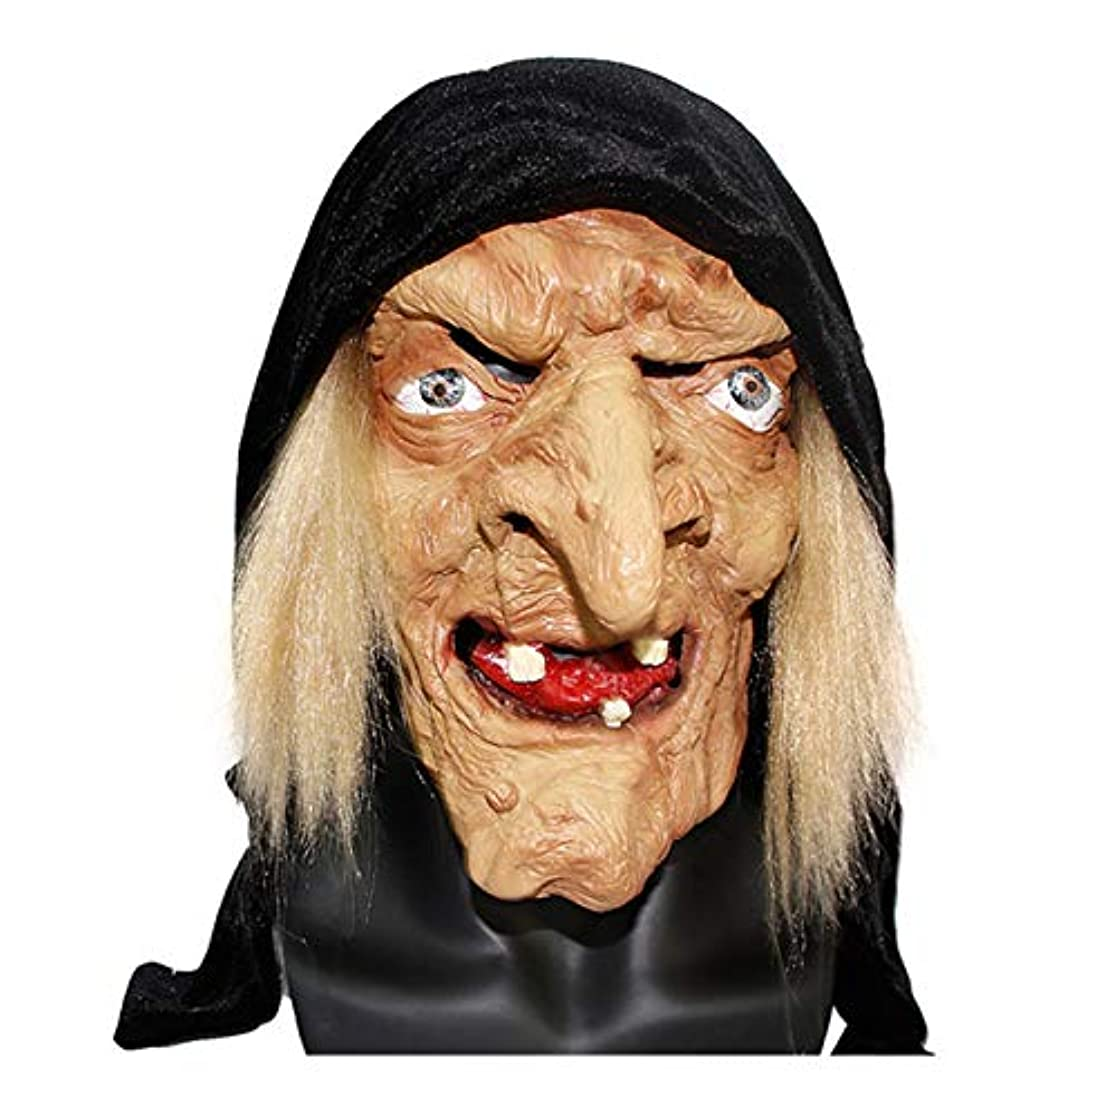 賞ベジタリアン声を出してハロウィンホラーマスクラテックス帽子パーティーボールの女性のドレスアップの映画の小道具魔女マスクマスク